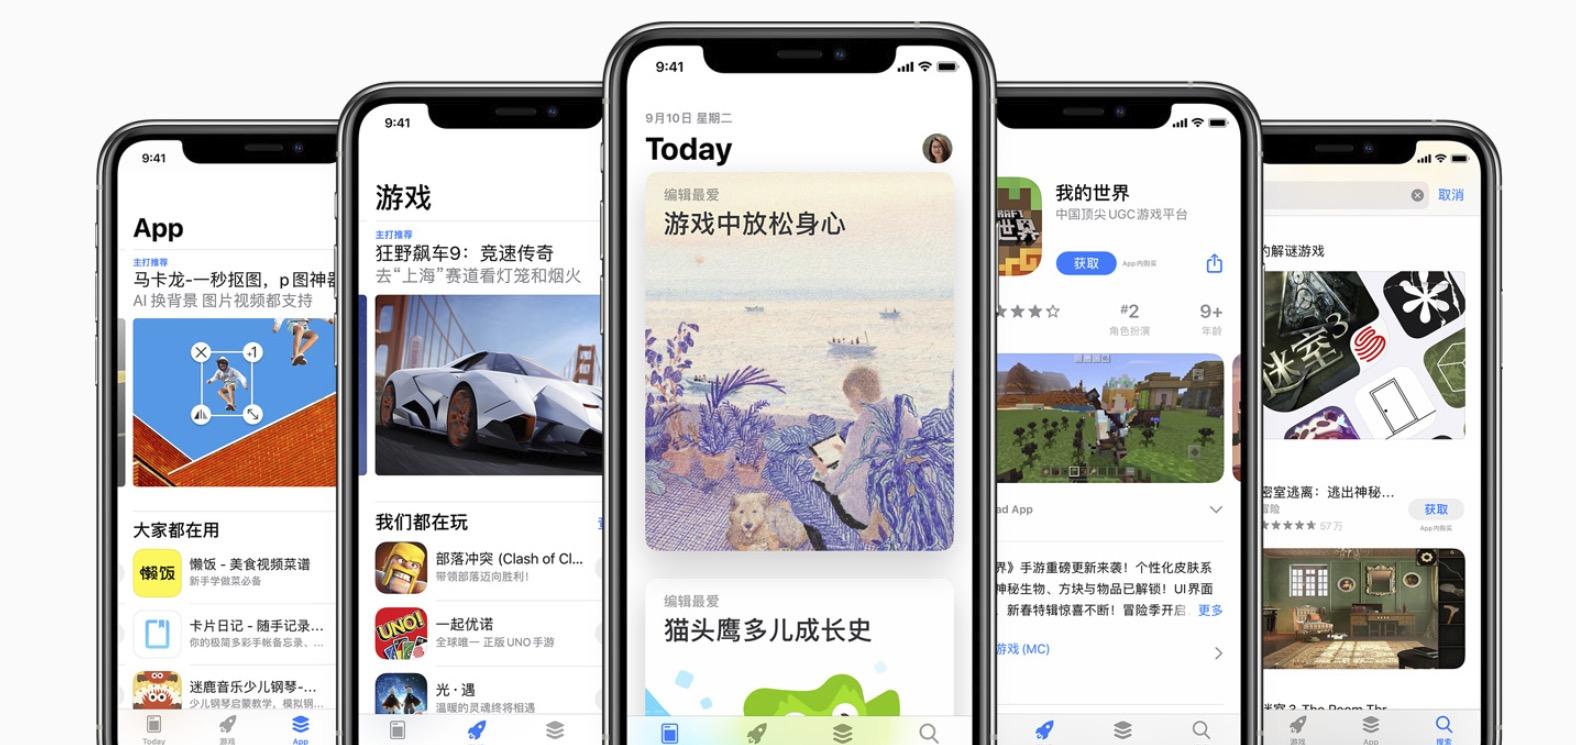 中国区 App Store 下架 29,800 款应用和游戏